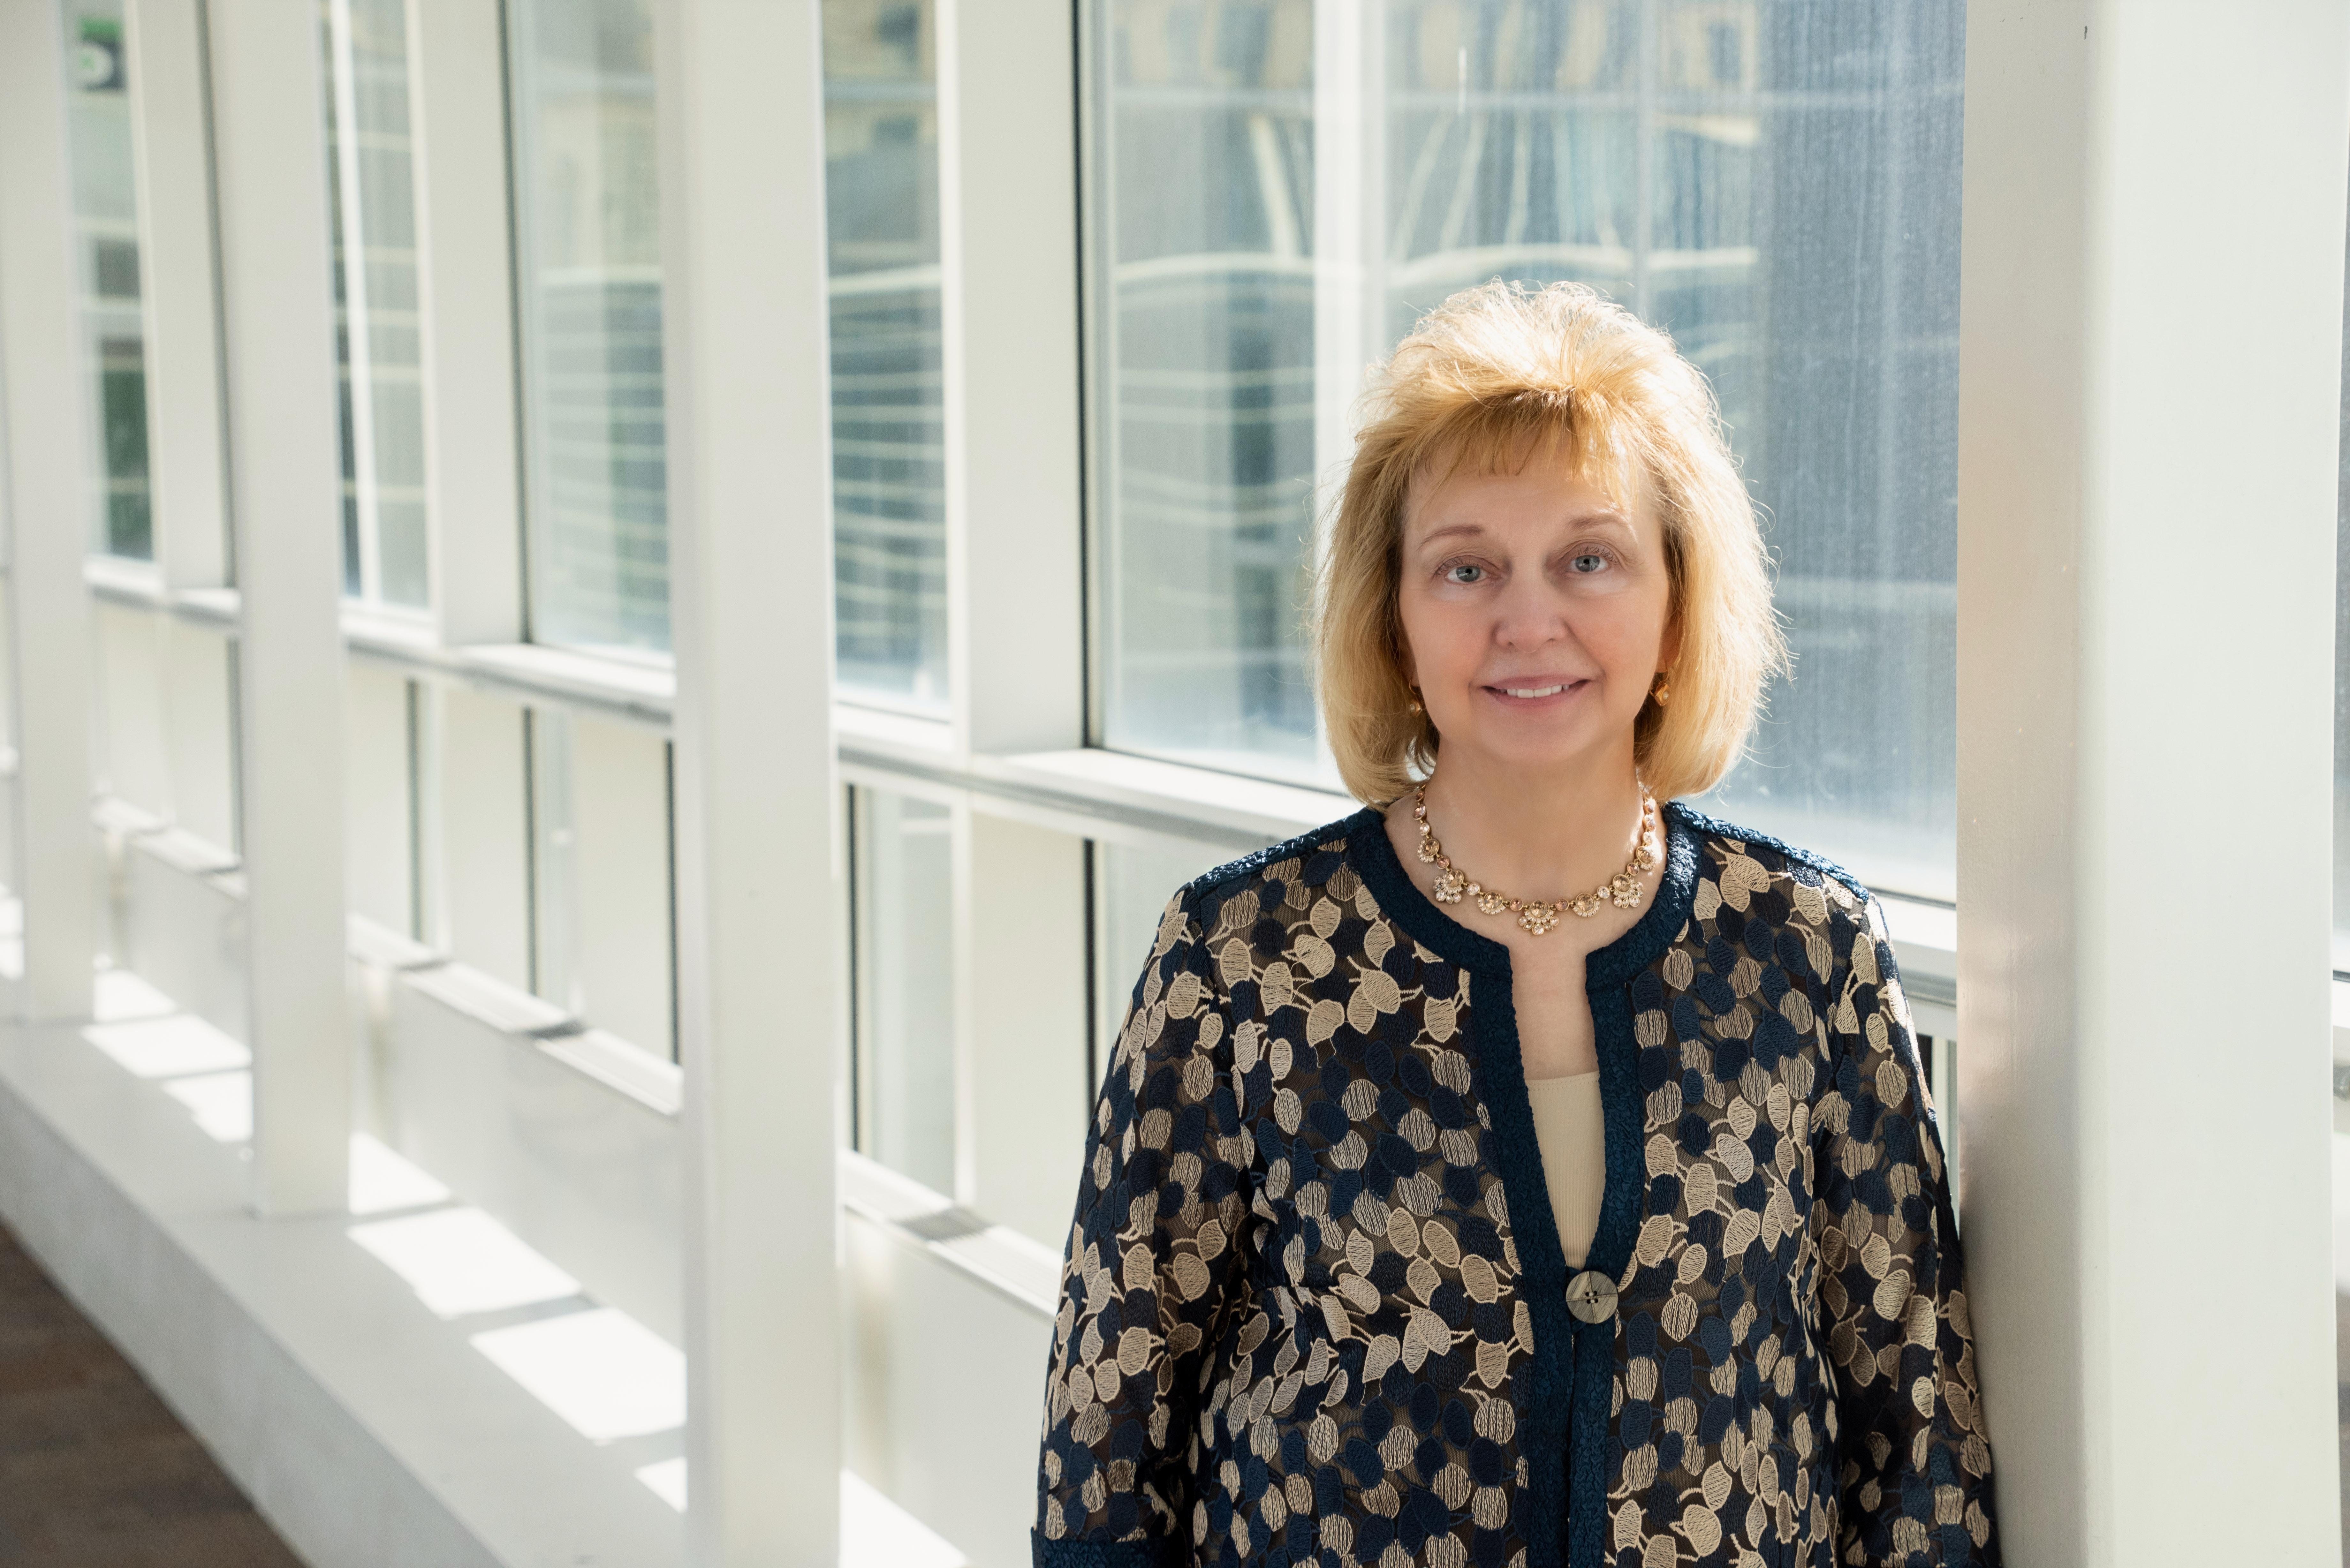 Heidi Hylton Meier